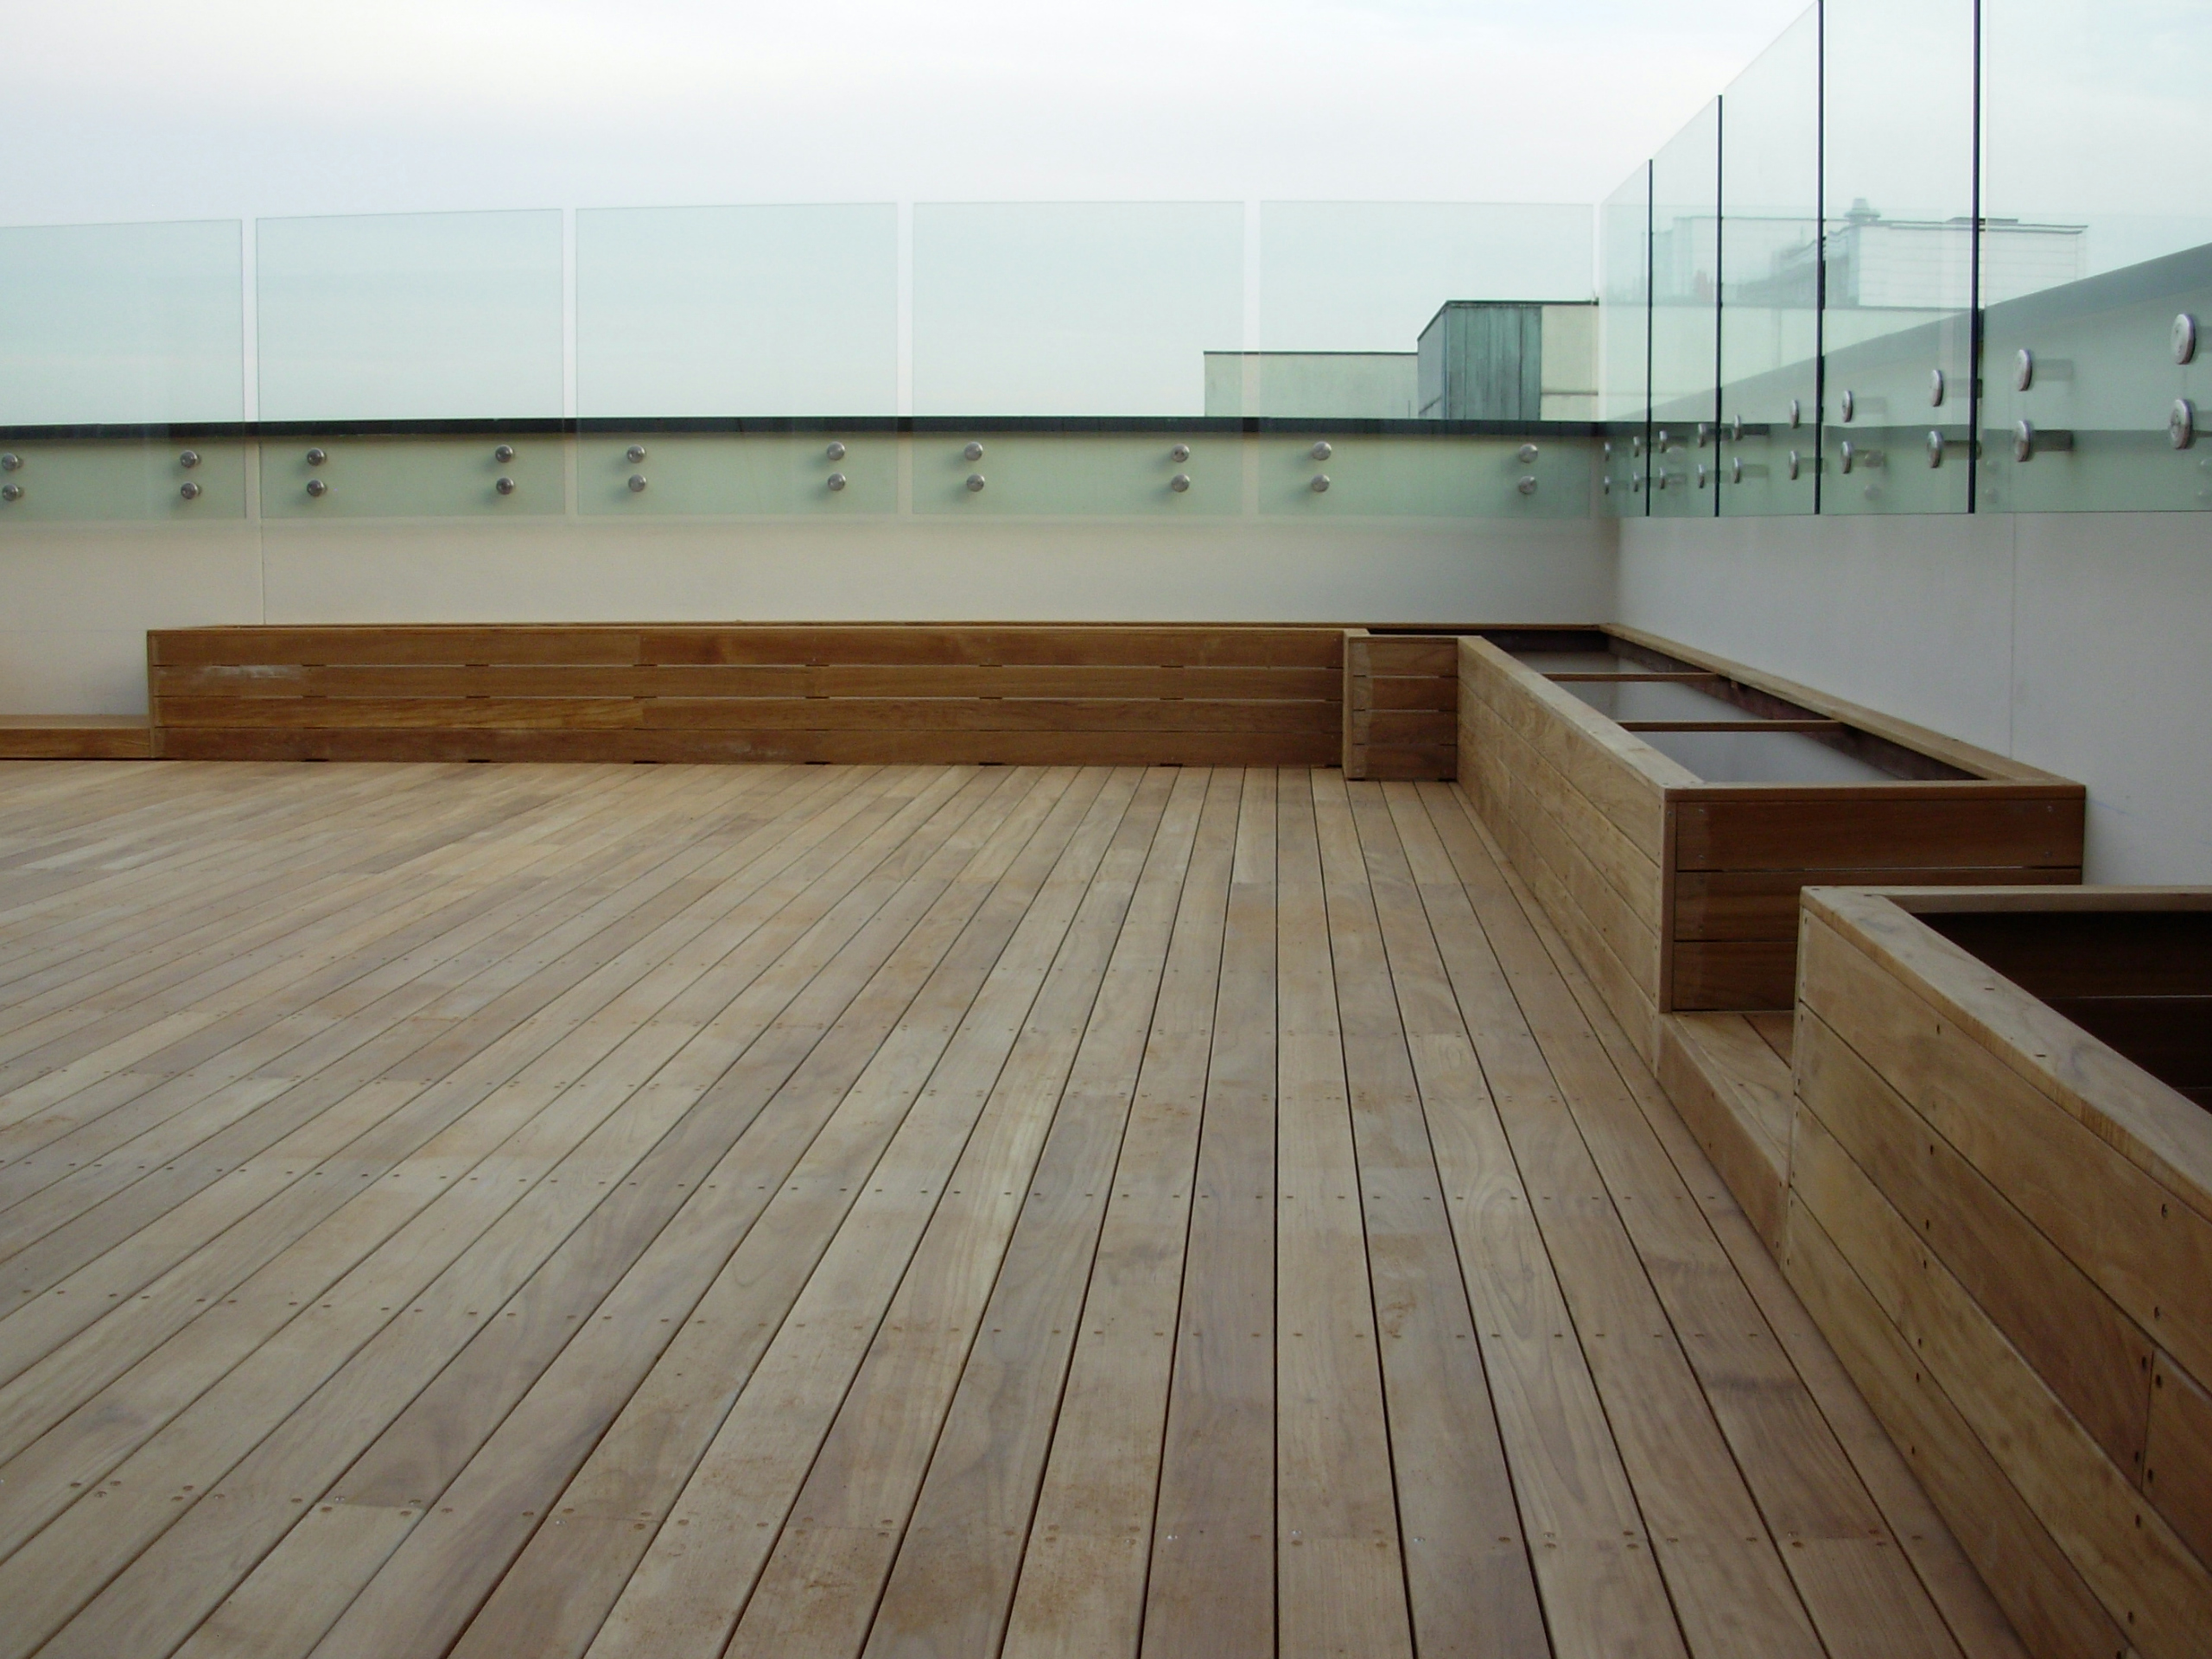 Listoni in legno per pavimenti e rivestimenti TEAK by Ravaioli Legnami